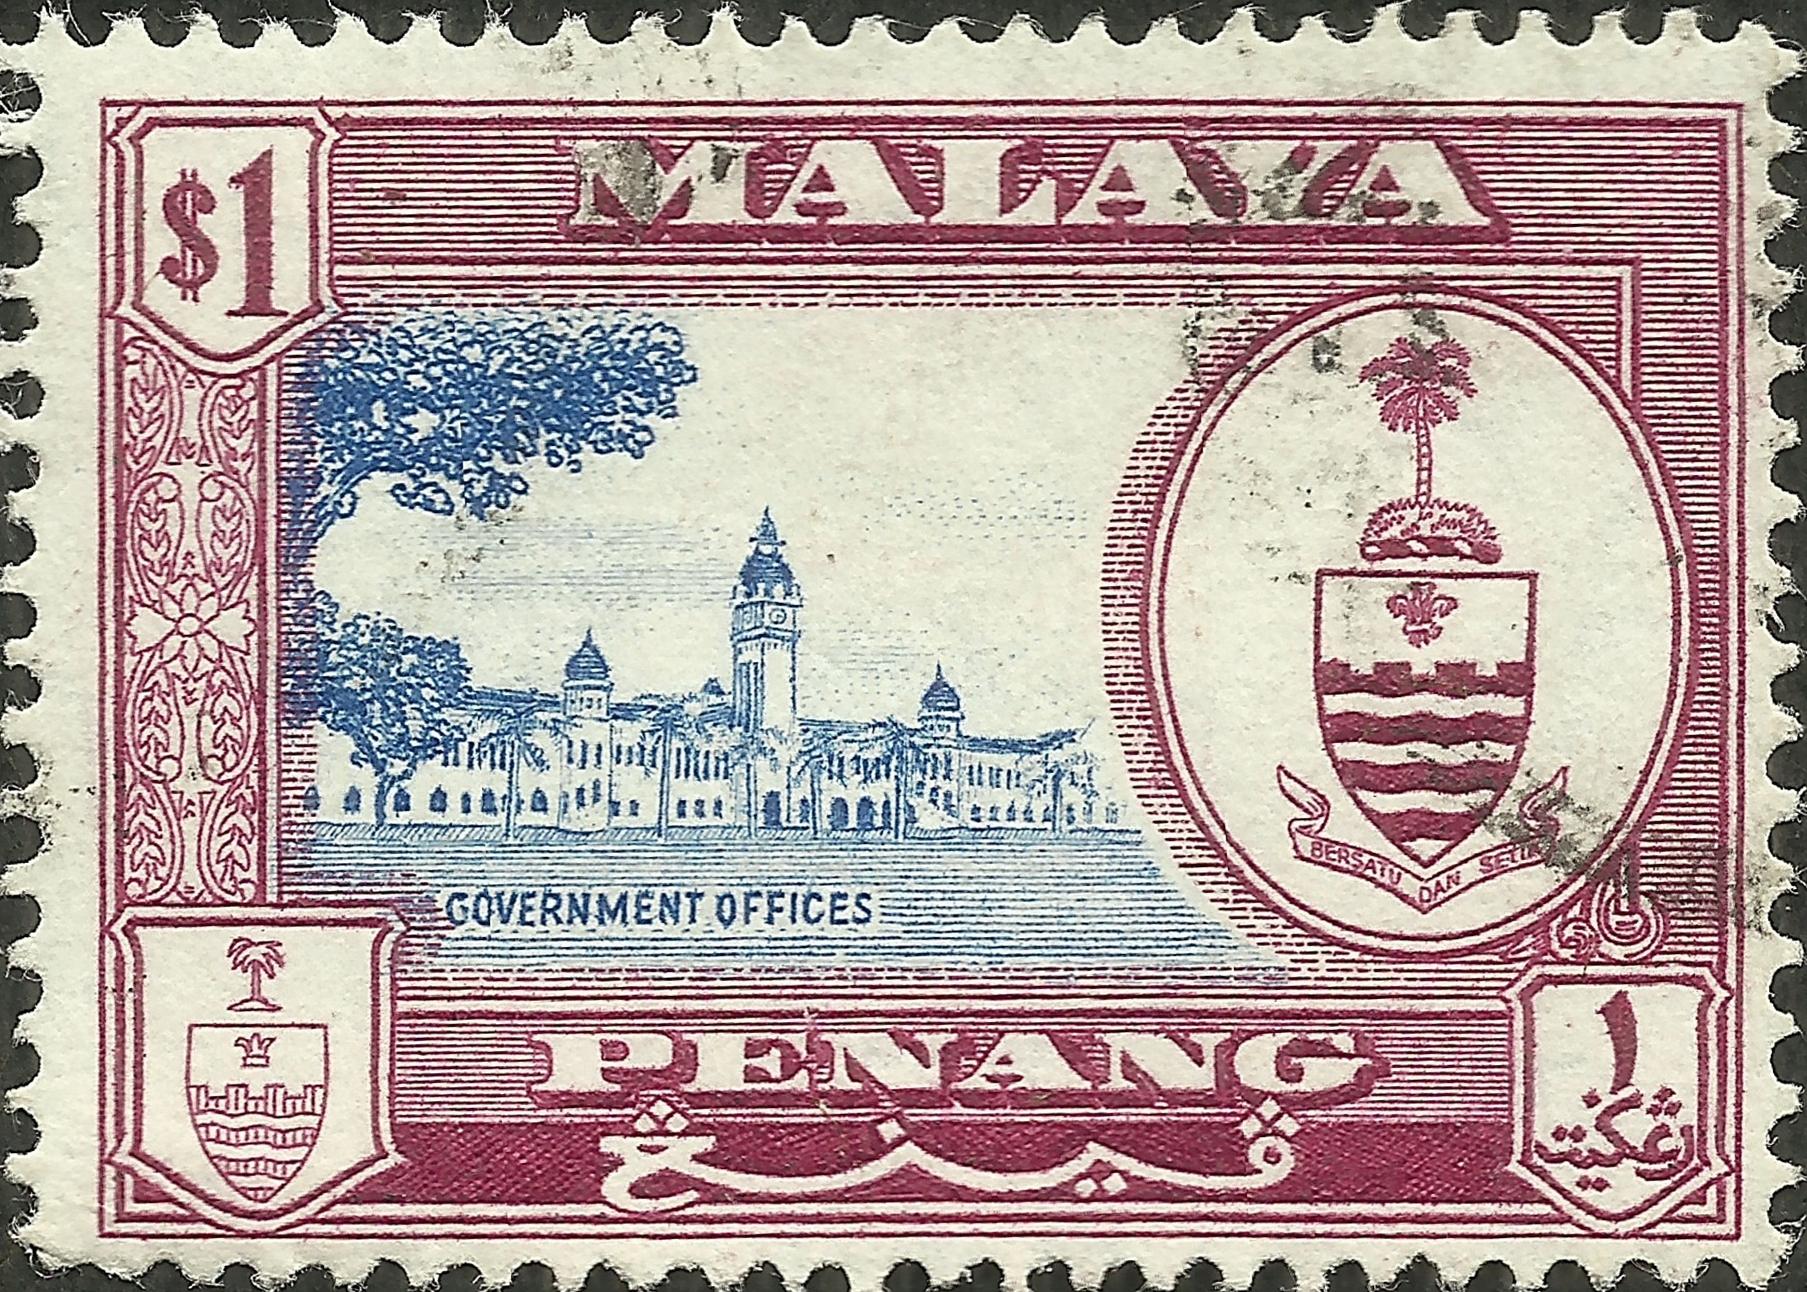 Malaya: Penang - Scott #64 (1960)